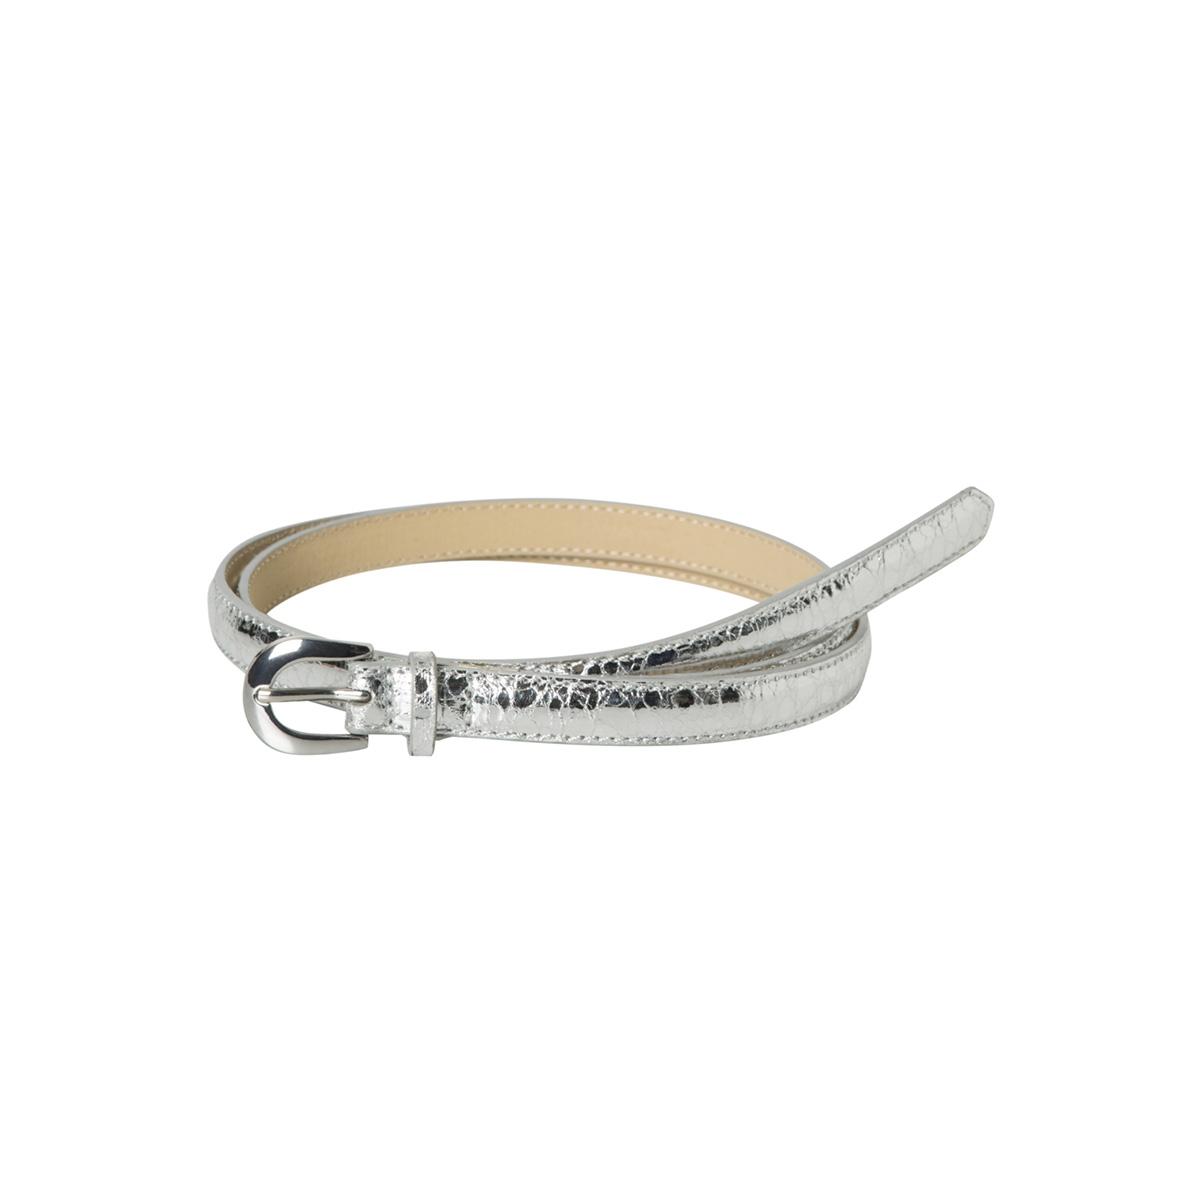 pclesli jeans belt box pb 17093180 pieces riem silver colour/metallic